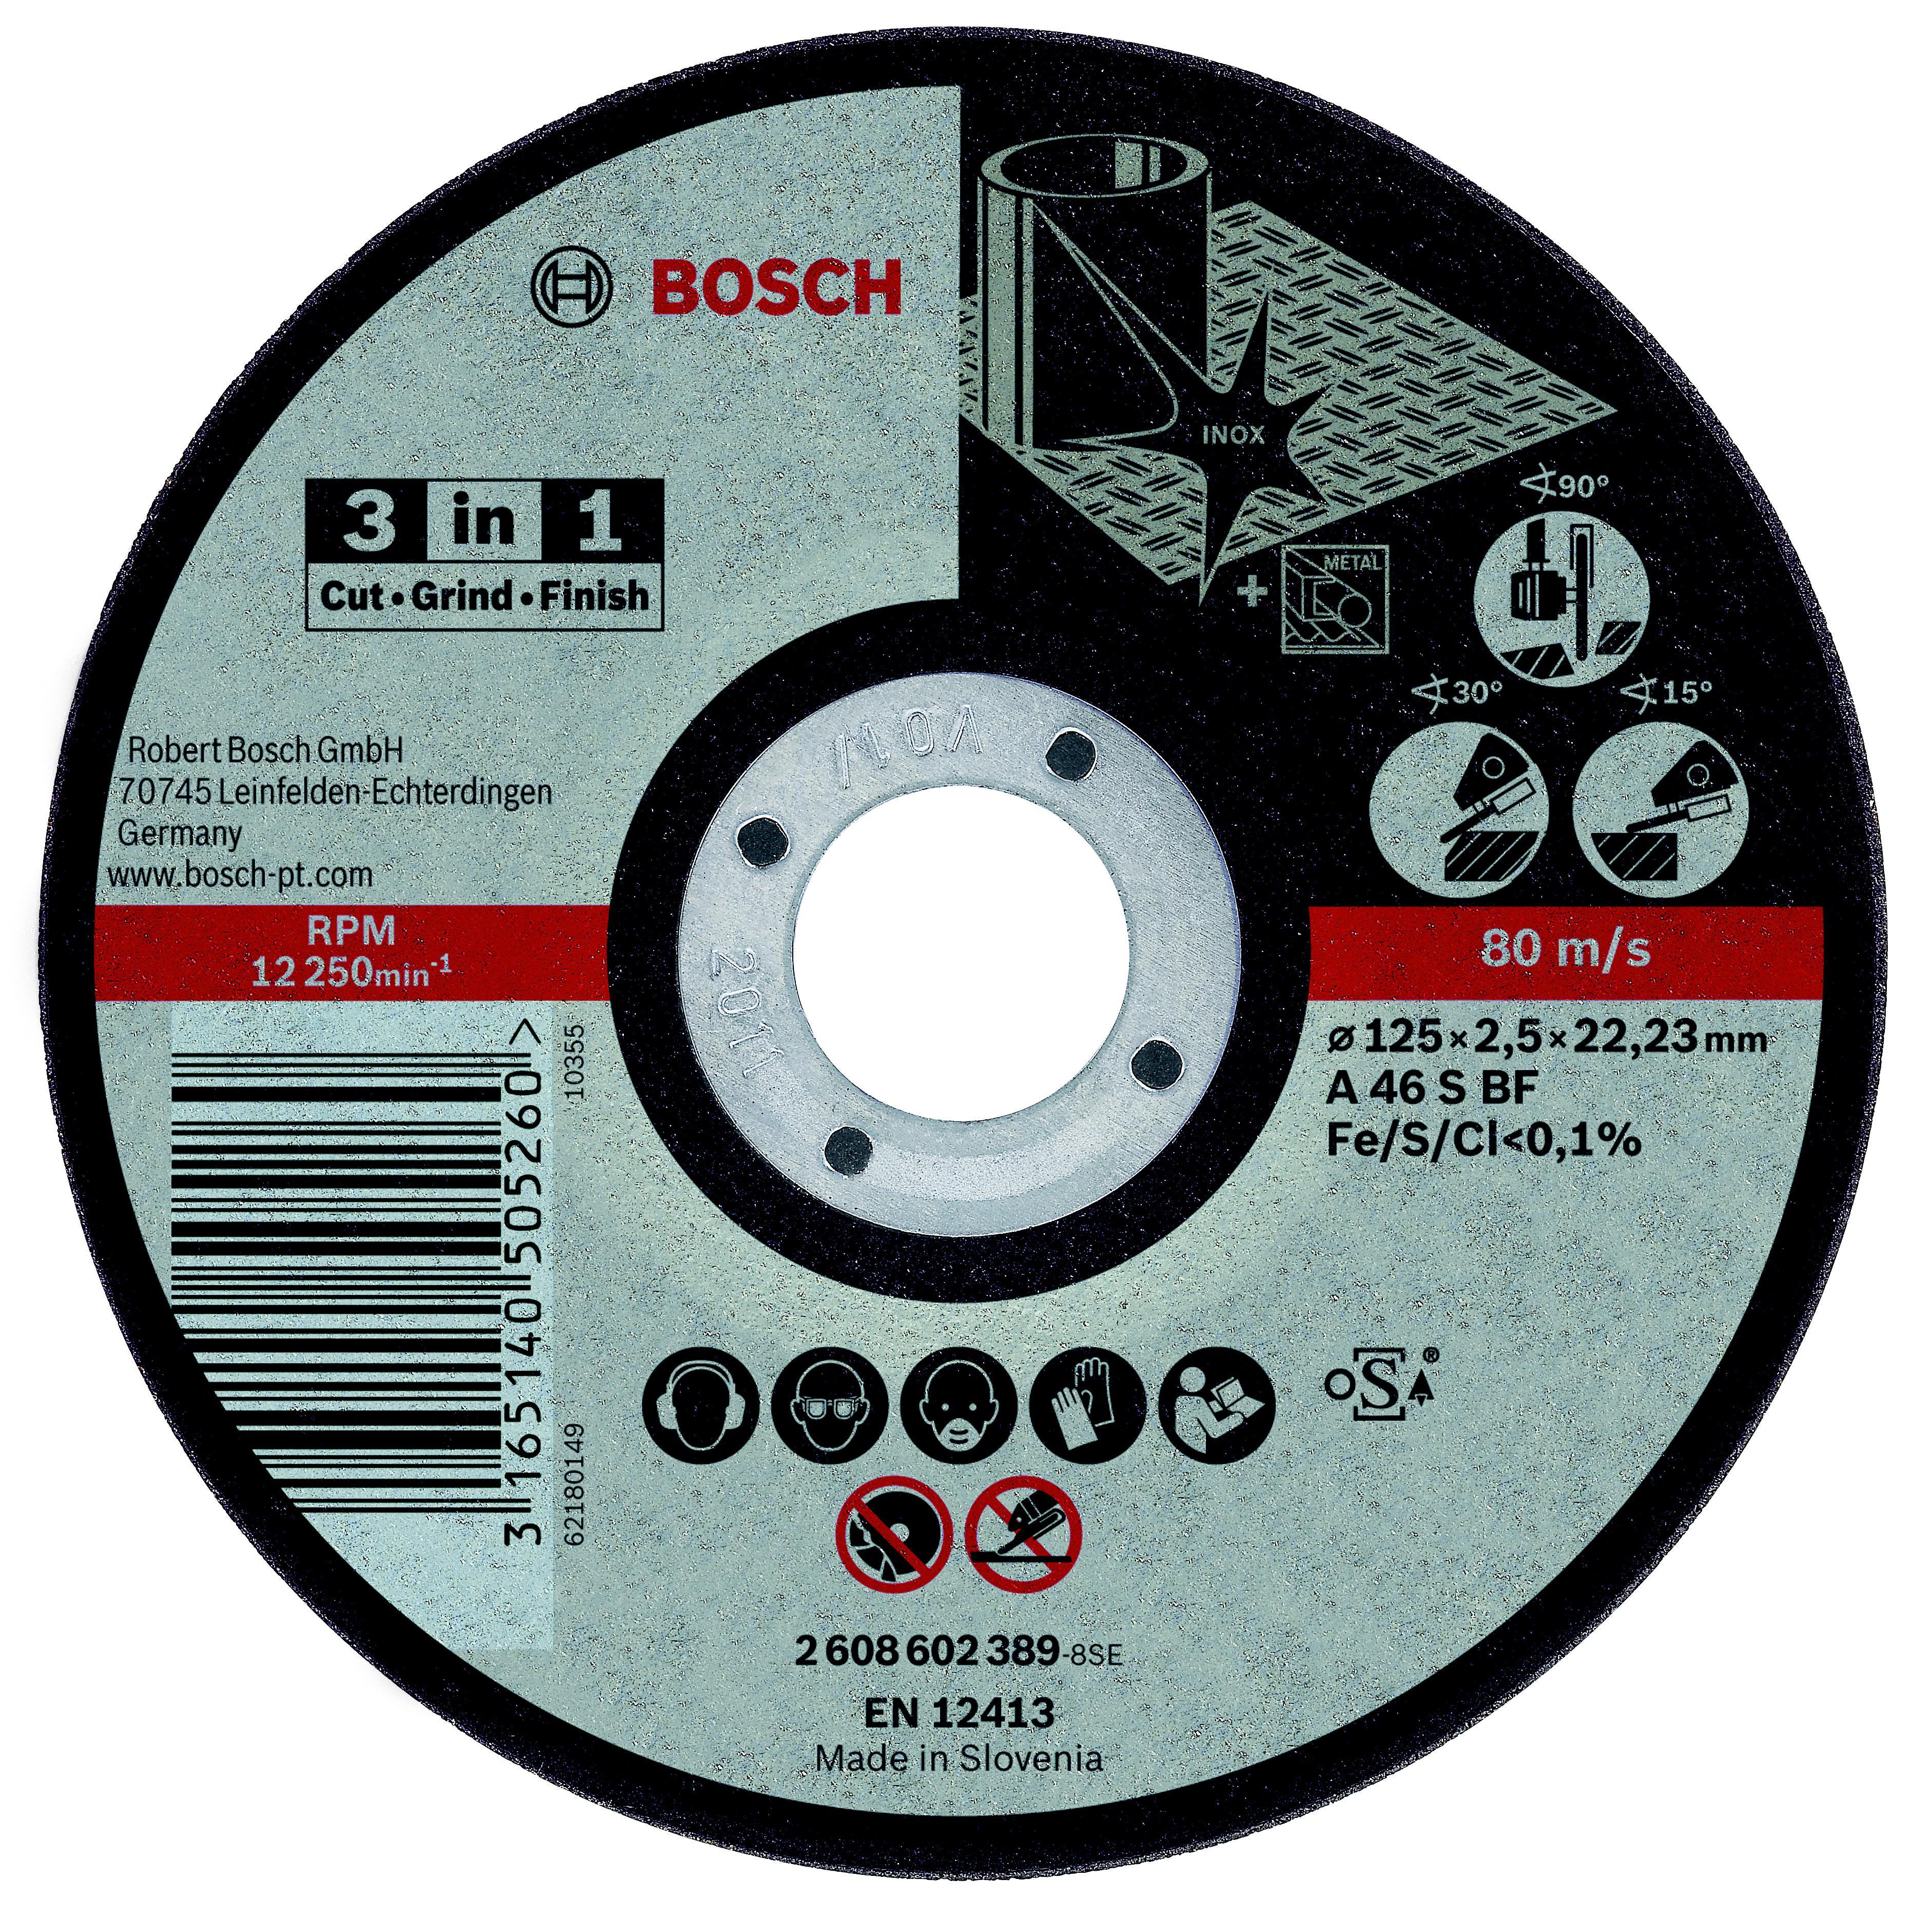 Картинка для Круг отрезной Bosch 125х2.5х22 bosch 3 in 1 (2.608.602.389)